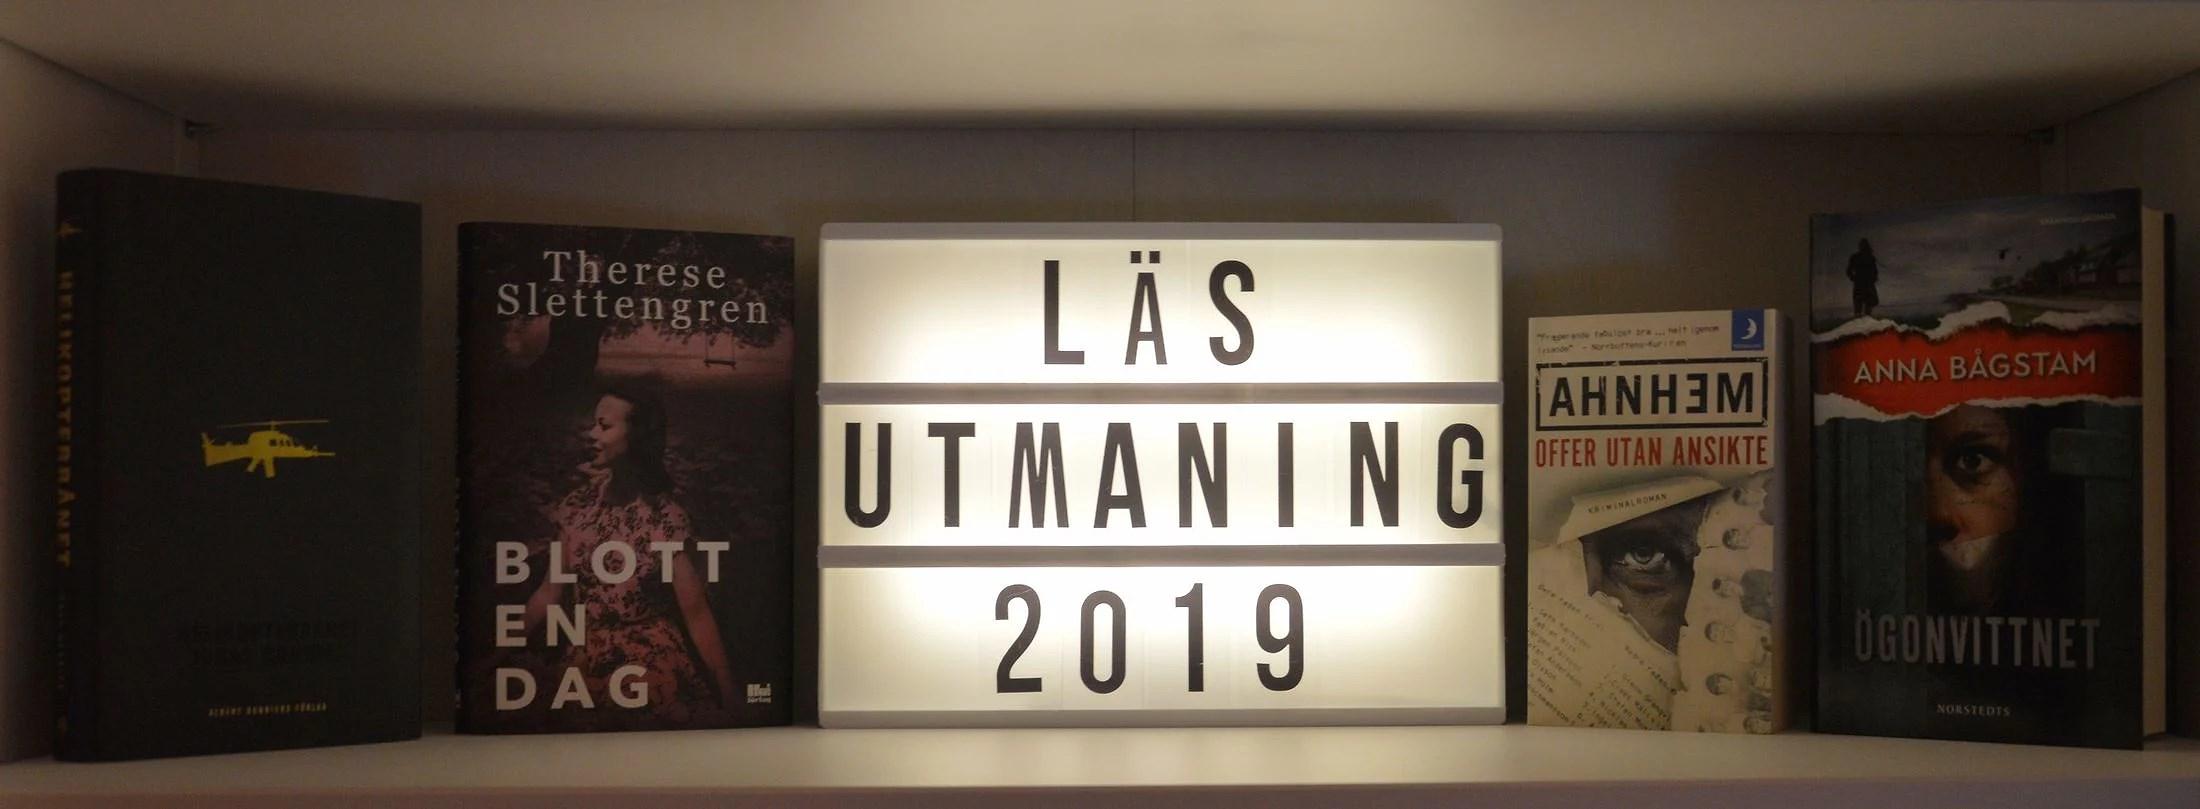 Läsutmaning 2019 - Uppdatering